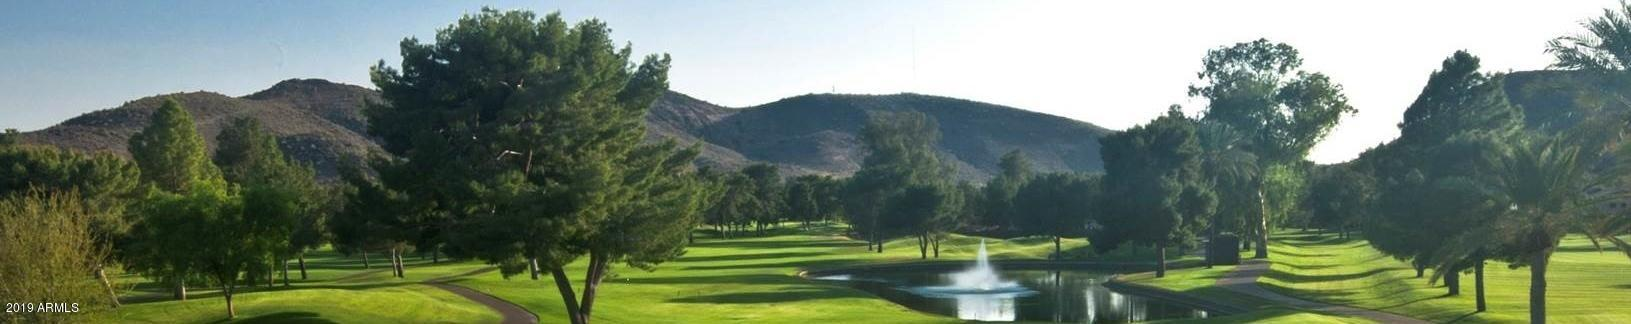 MLS 5859367 511 W TAM OSHANTER Drive, Phoenix, AZ 85023 Phoenix AZ Moon Valley